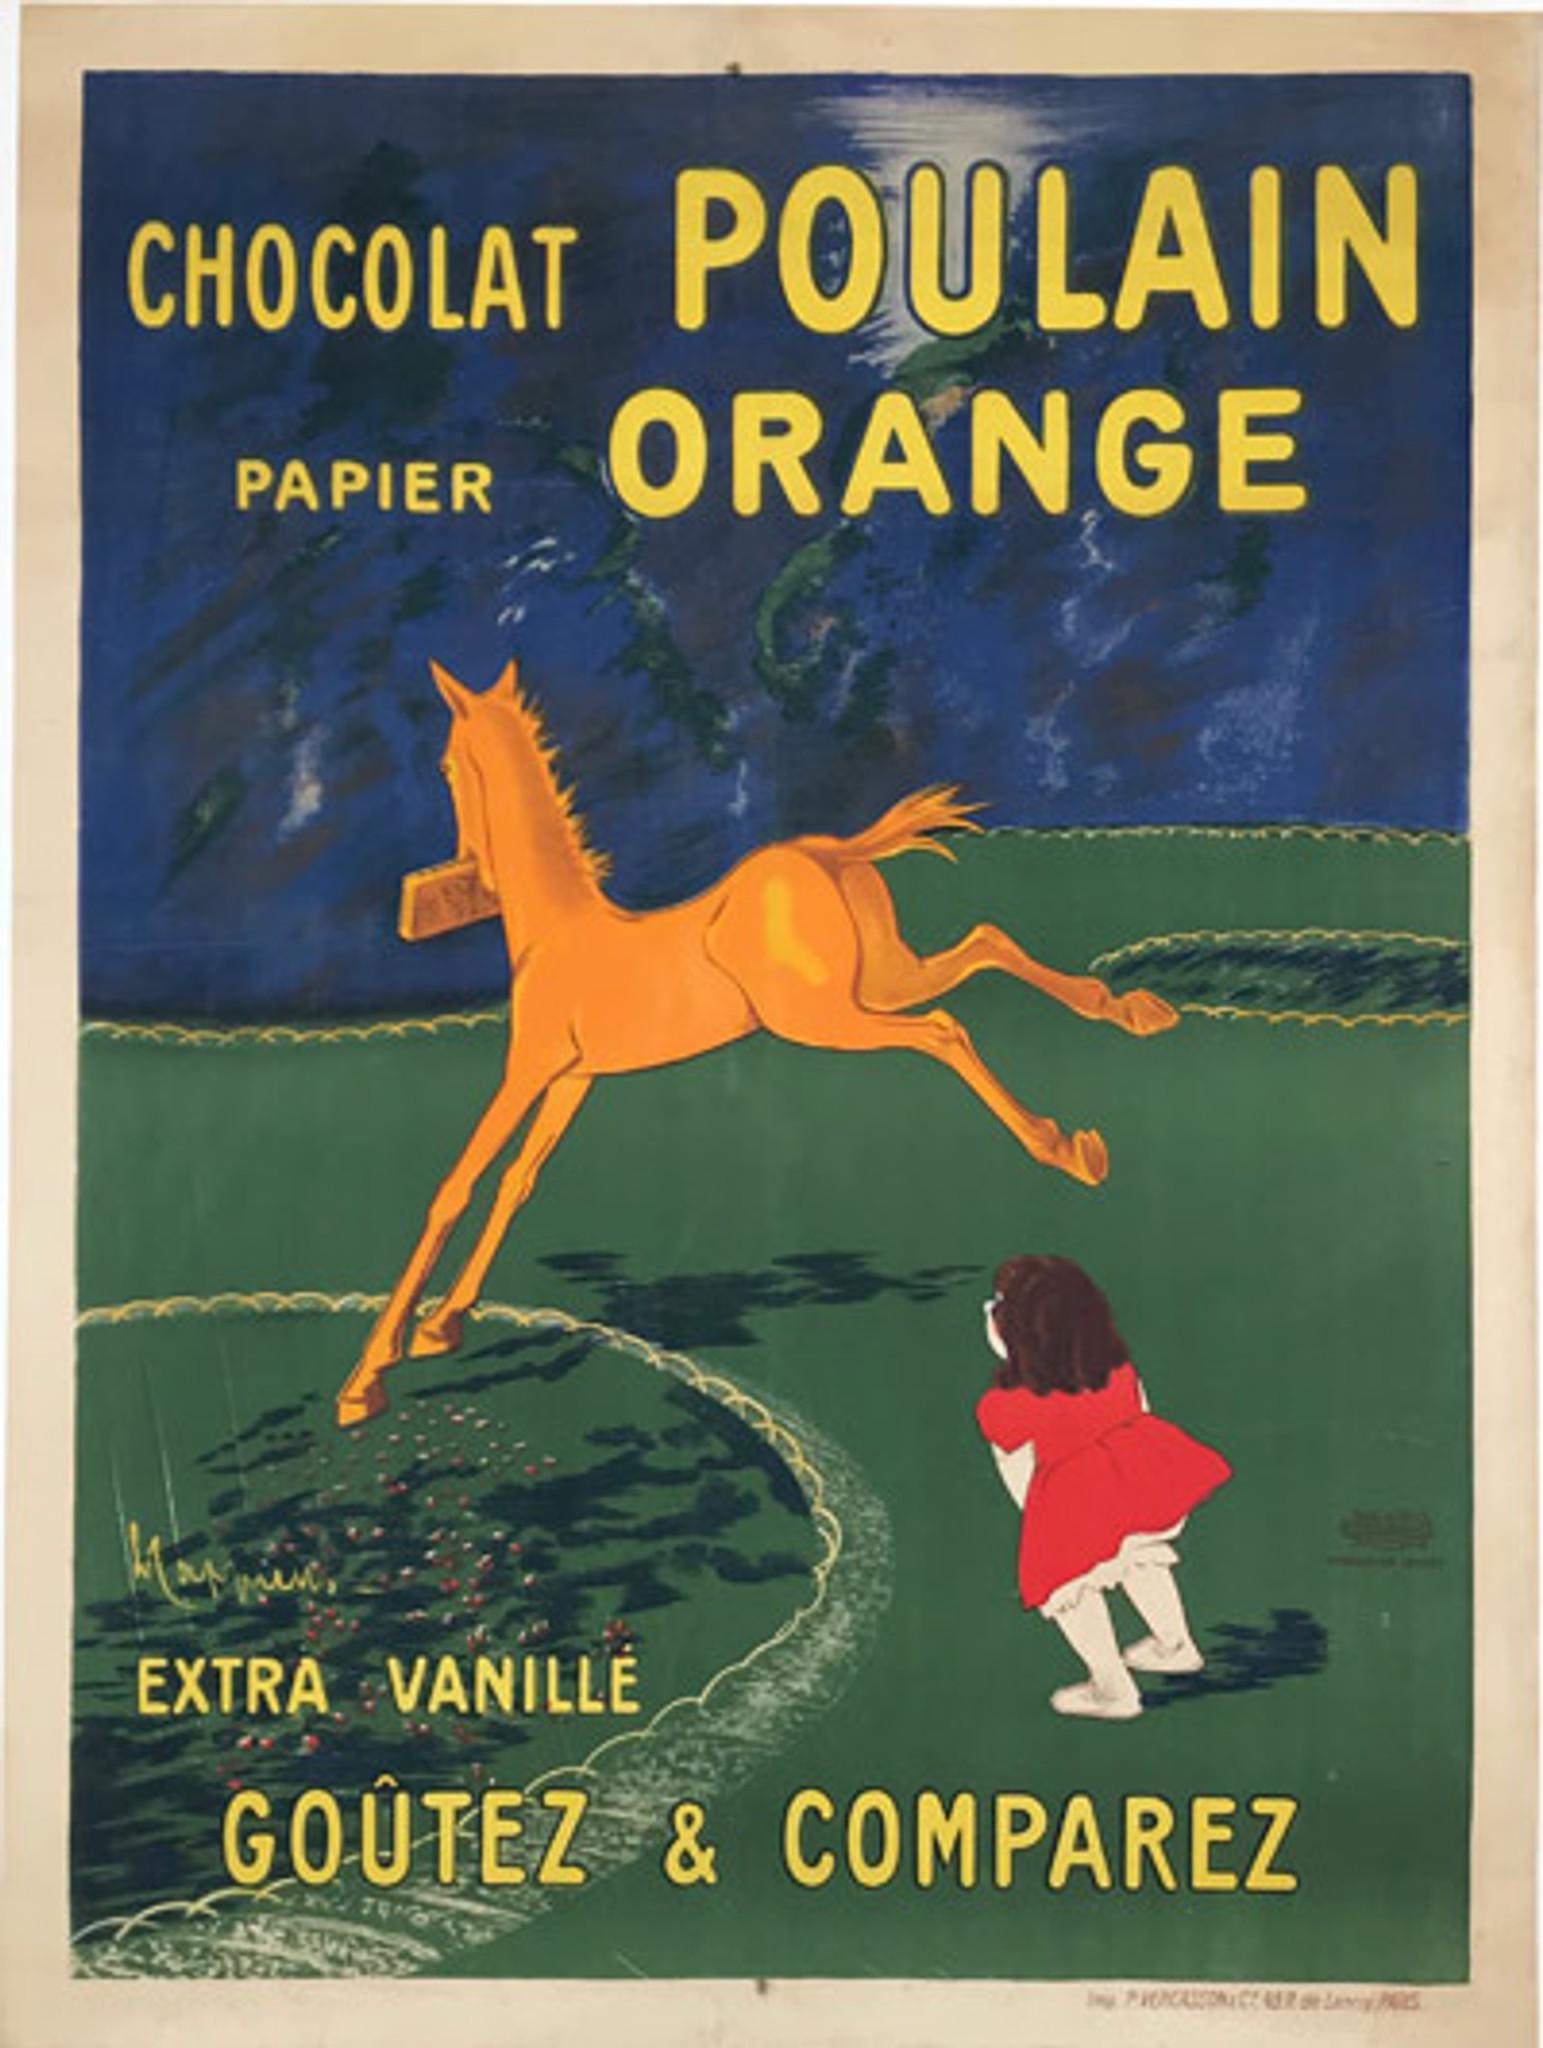 chocolat poulain orange large size